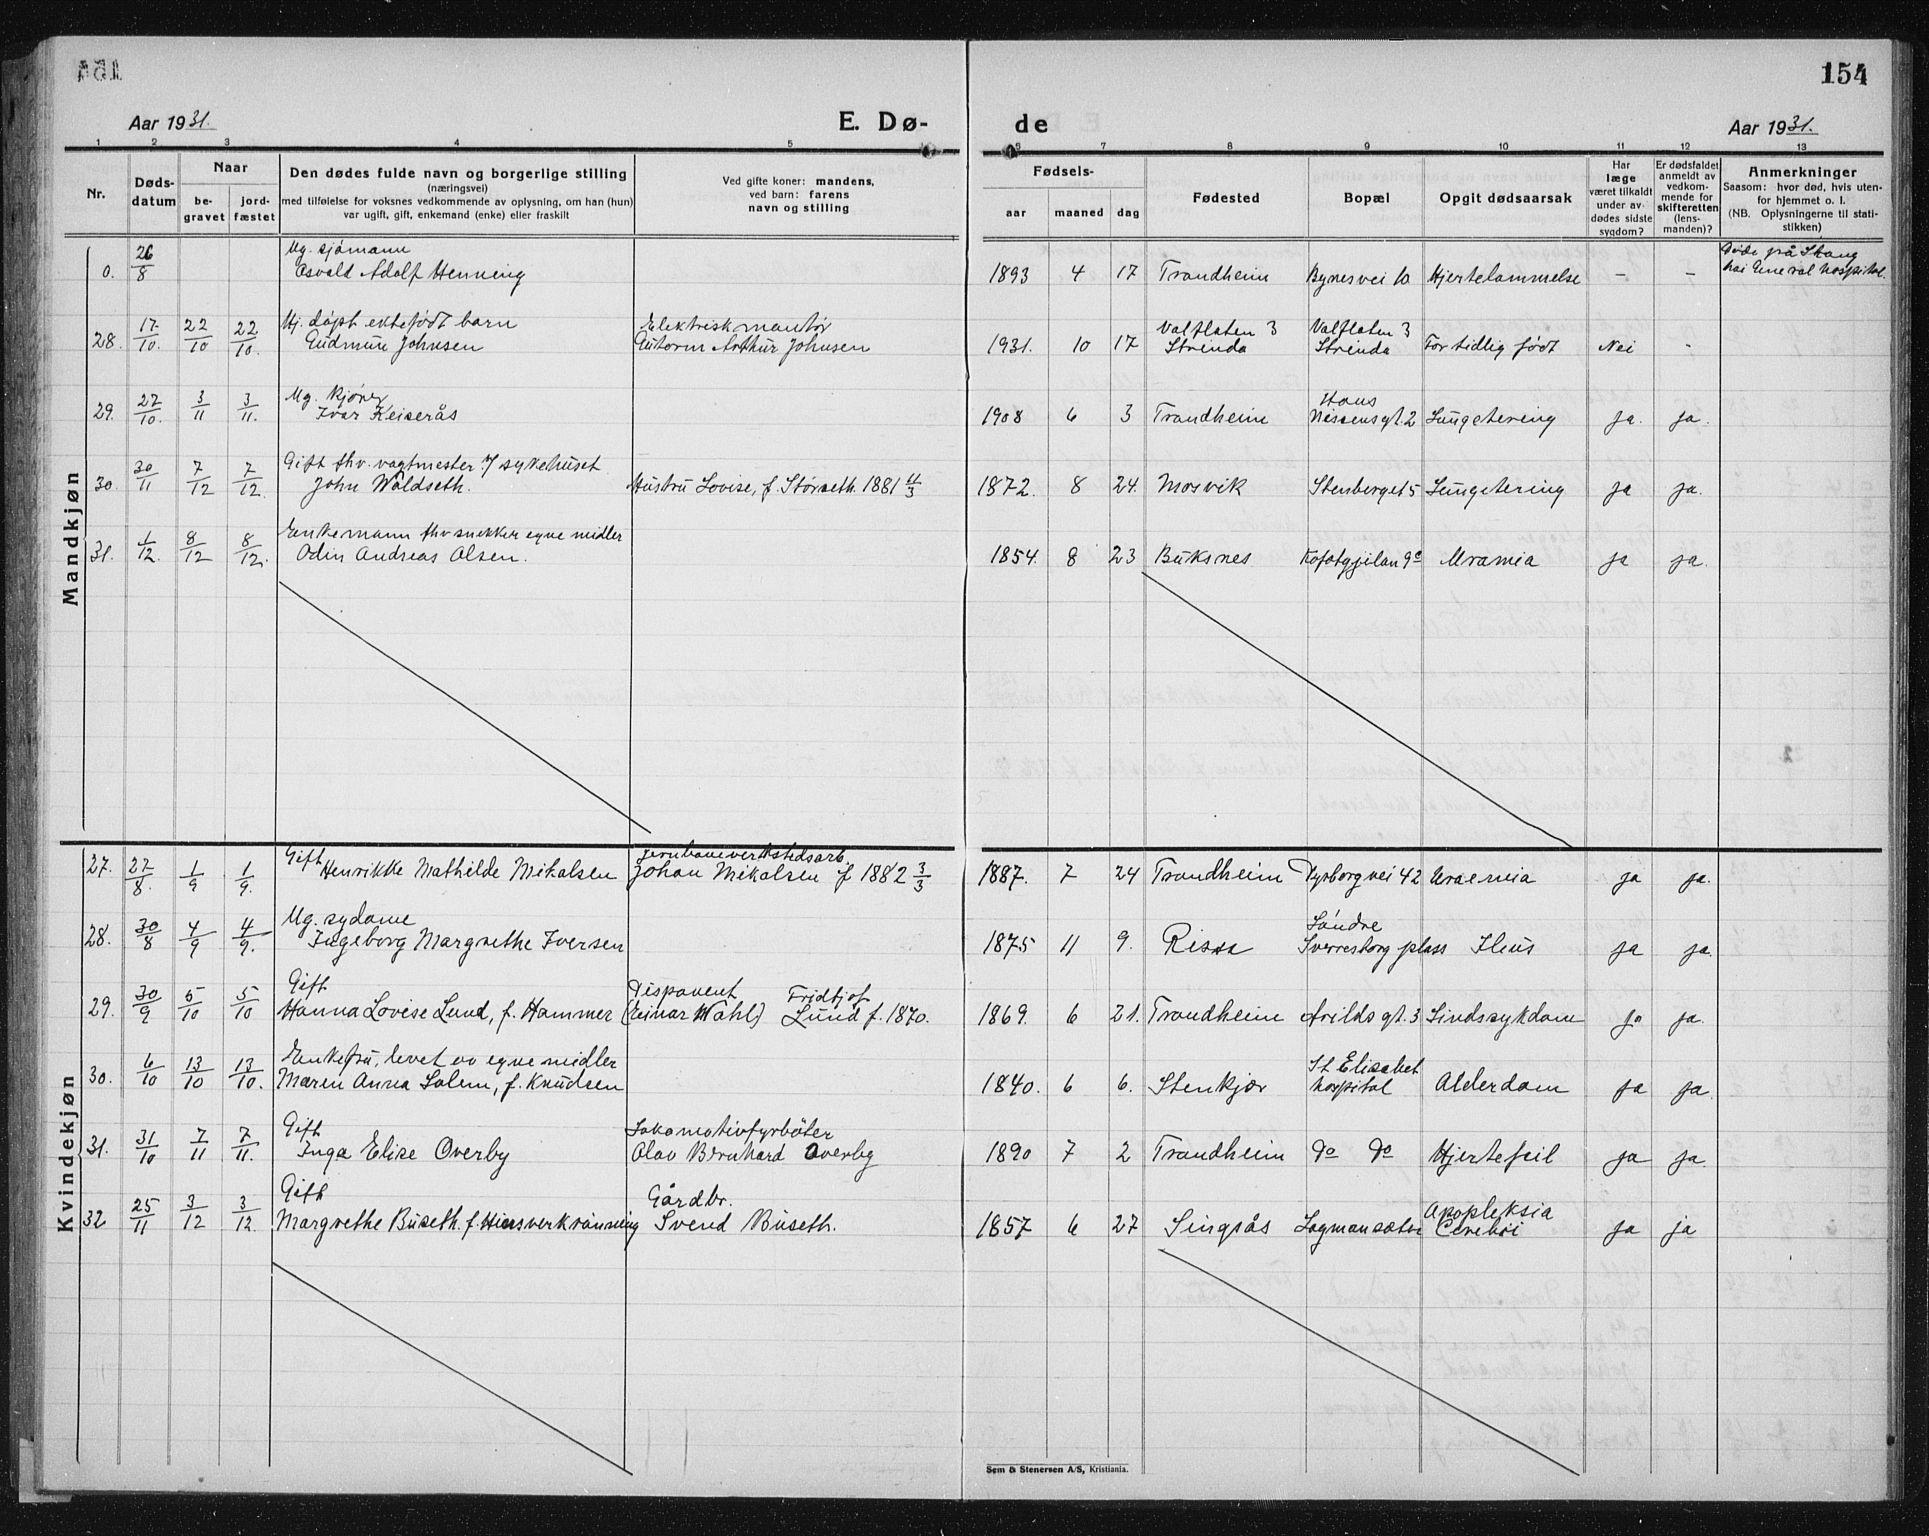 SAT, Ministerialprotokoller, klokkerbøker og fødselsregistre - Sør-Trøndelag, 603/L0176: Klokkerbok nr. 603C04, 1923-1941, s. 154